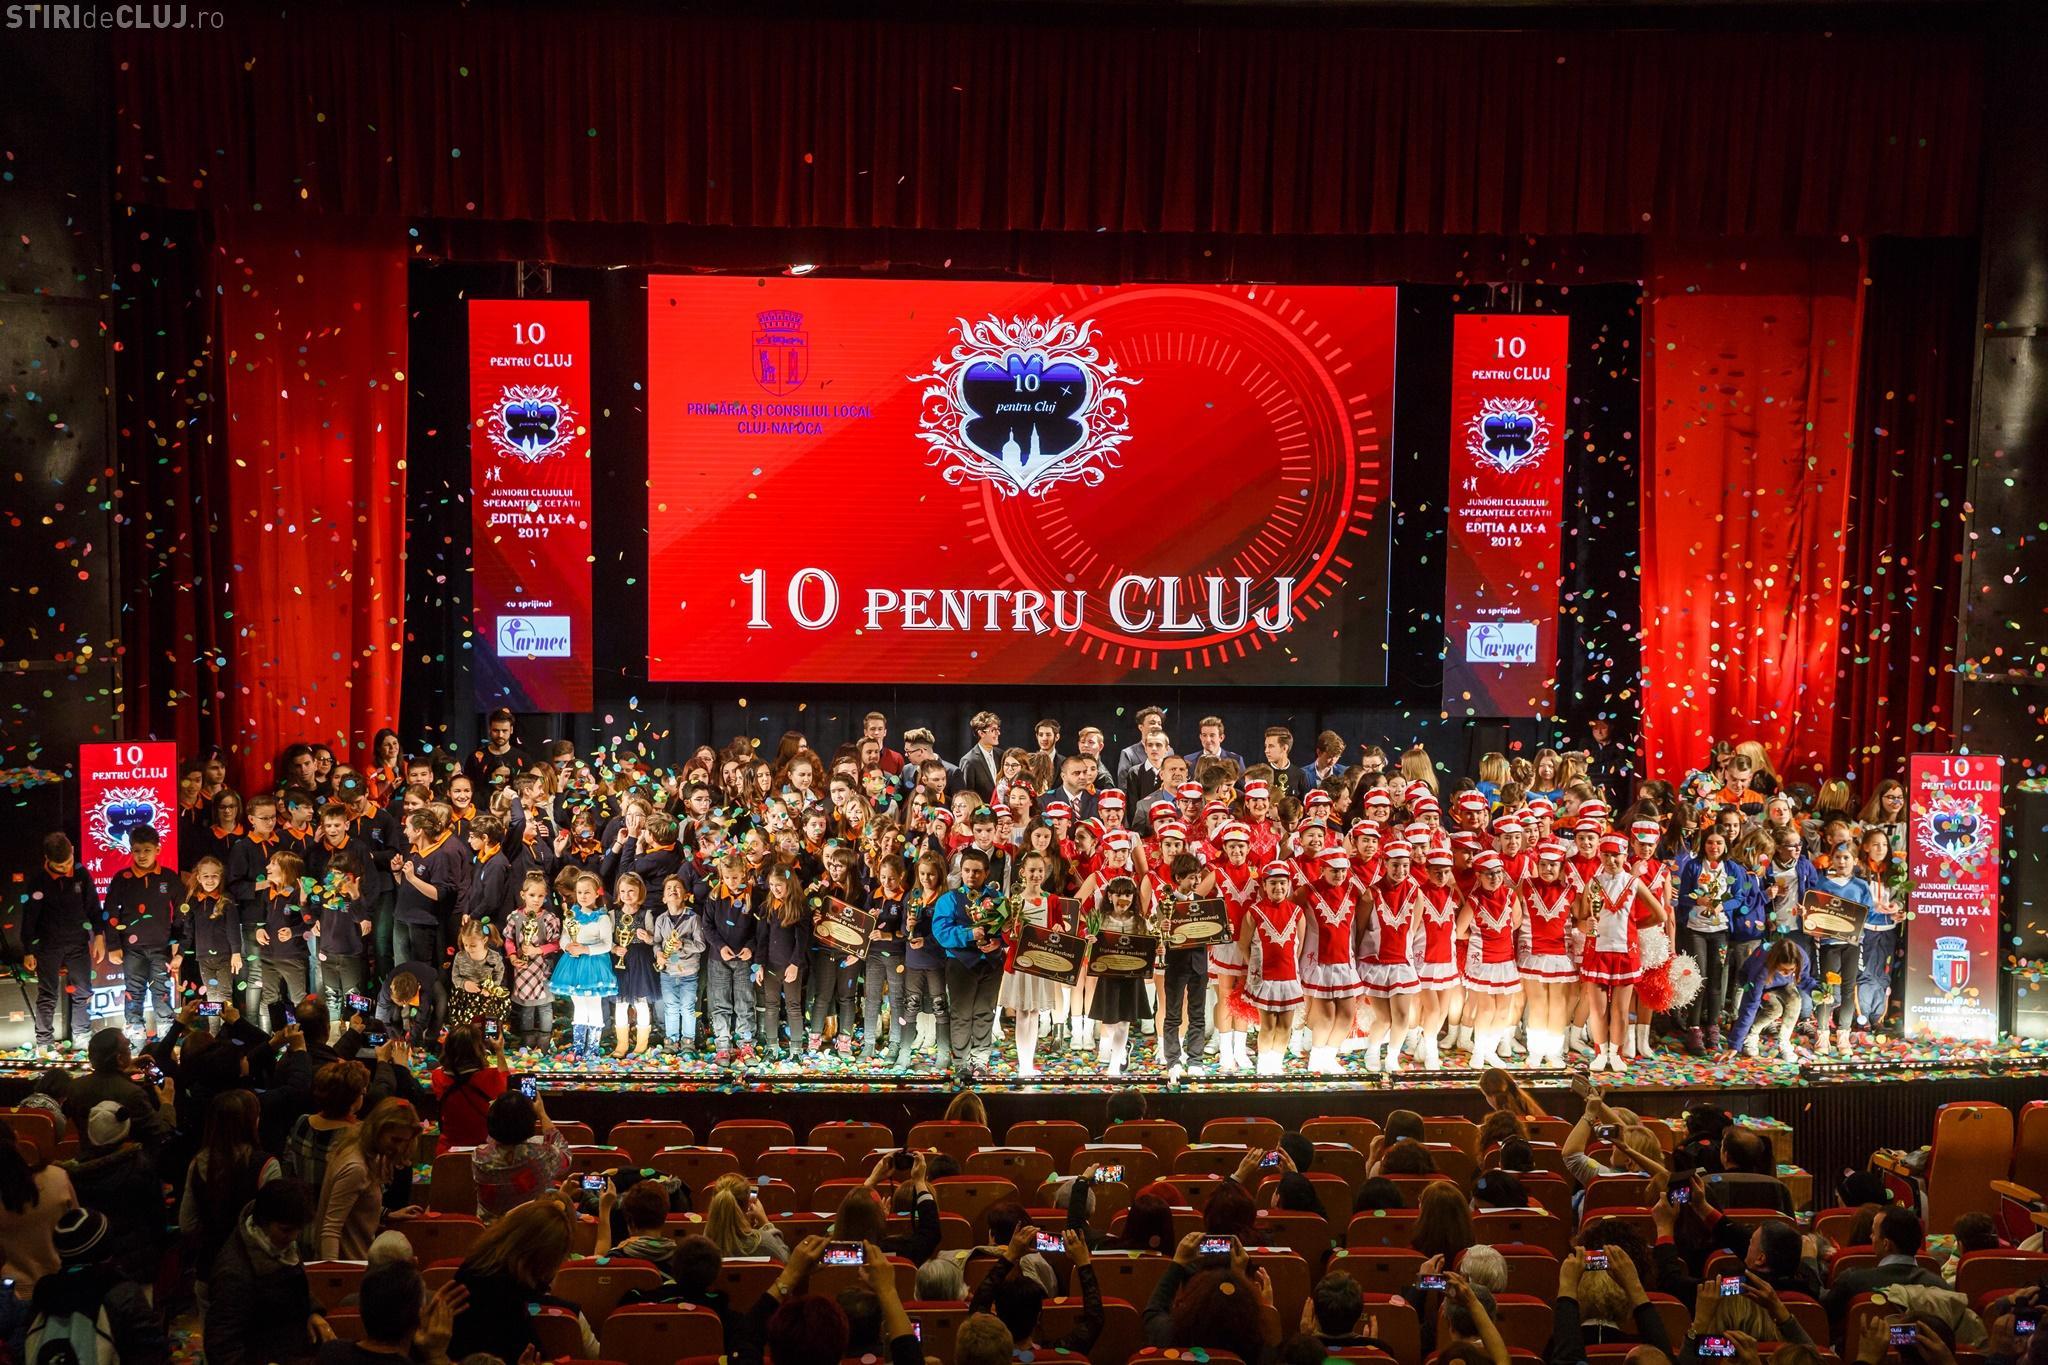 """GAFĂ URIAȘĂ la Gala """"10 pentru Cluj 2017"""". Elevii premiați în 2017 sunt """"aceiași"""" cu cei premiați în 2016"""